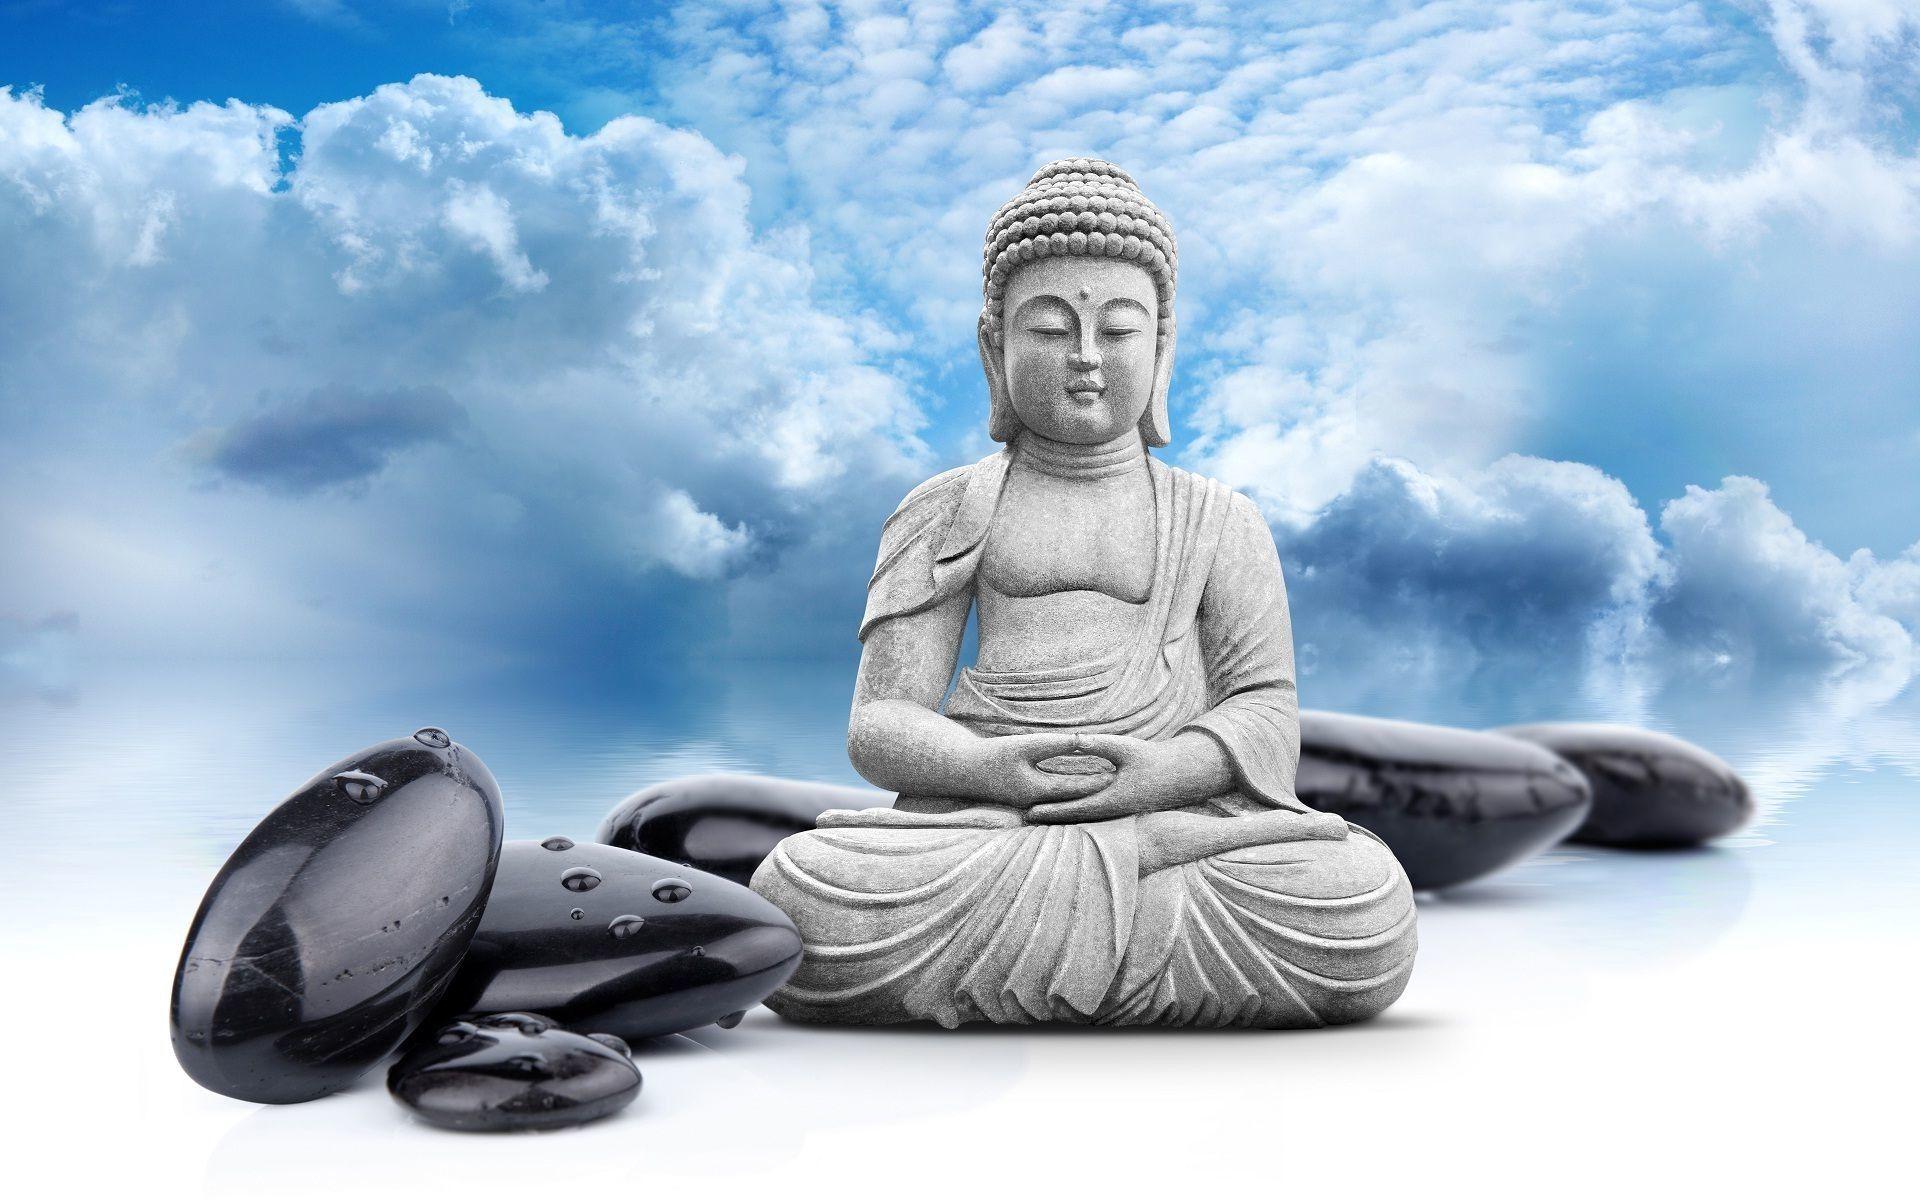 Ảnh tượng Phật 3D thanh bình